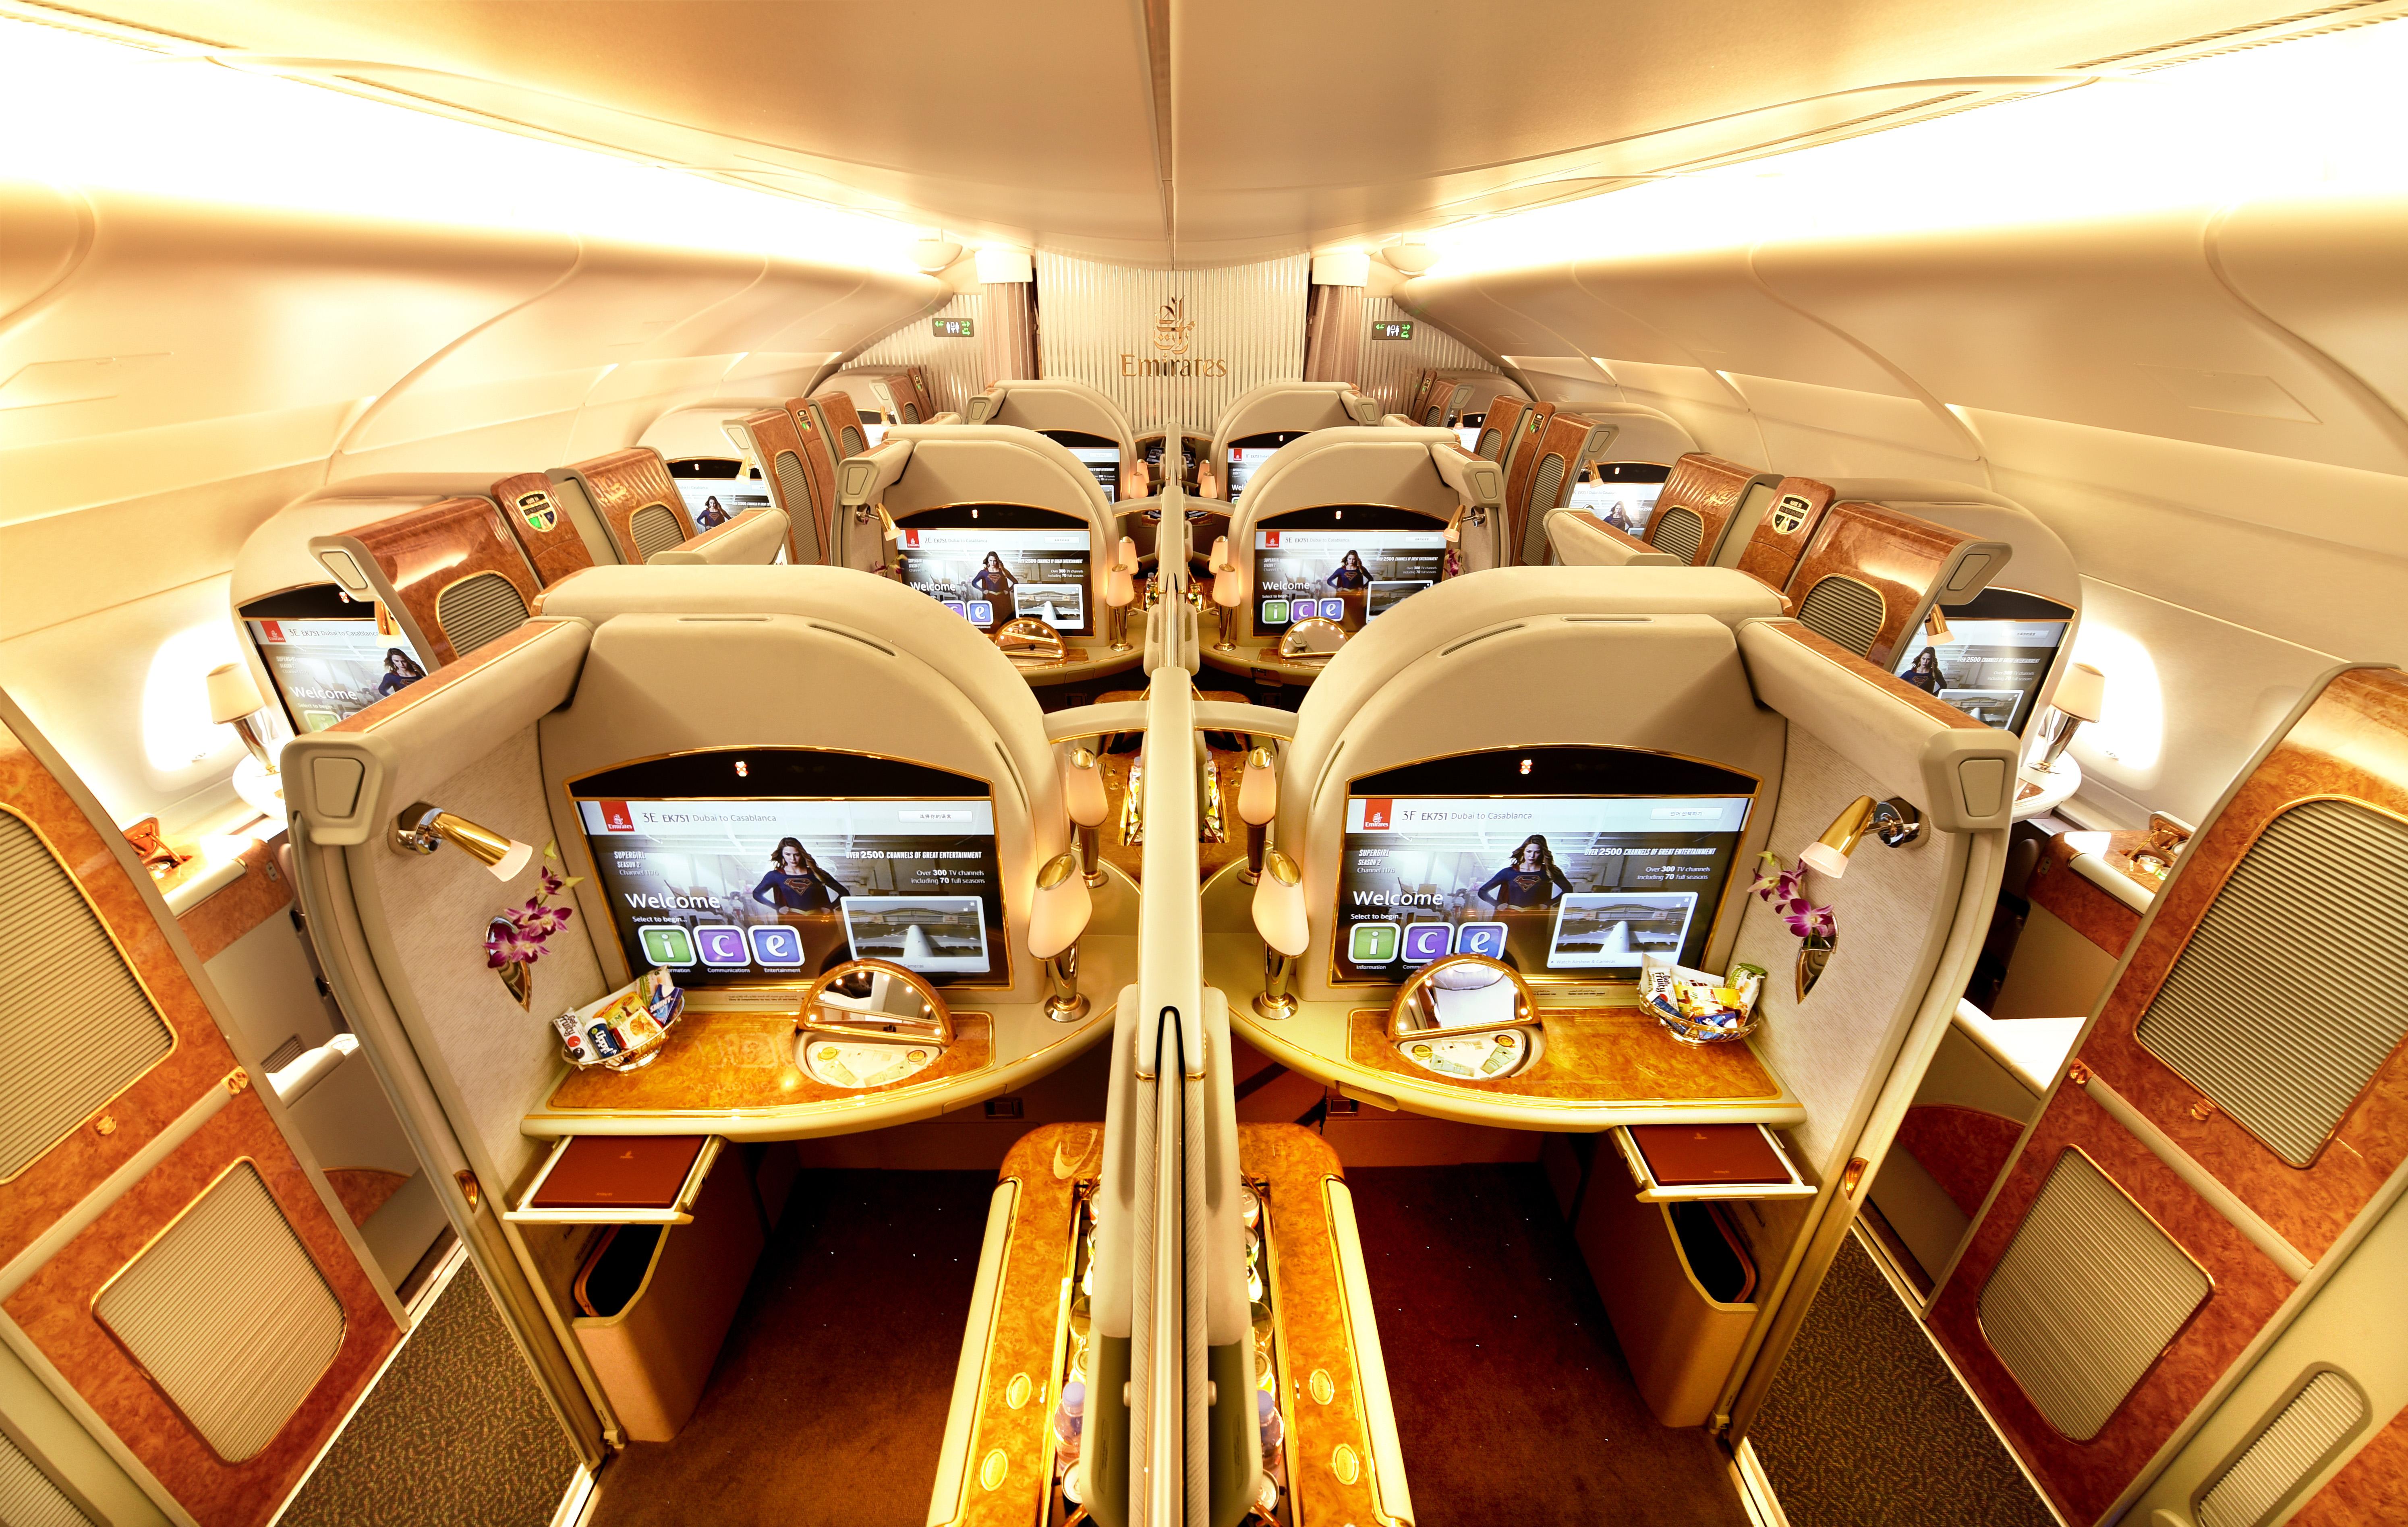 Et kig ind i First Class-kabinen på et Emirates-fly. Pressefoto.